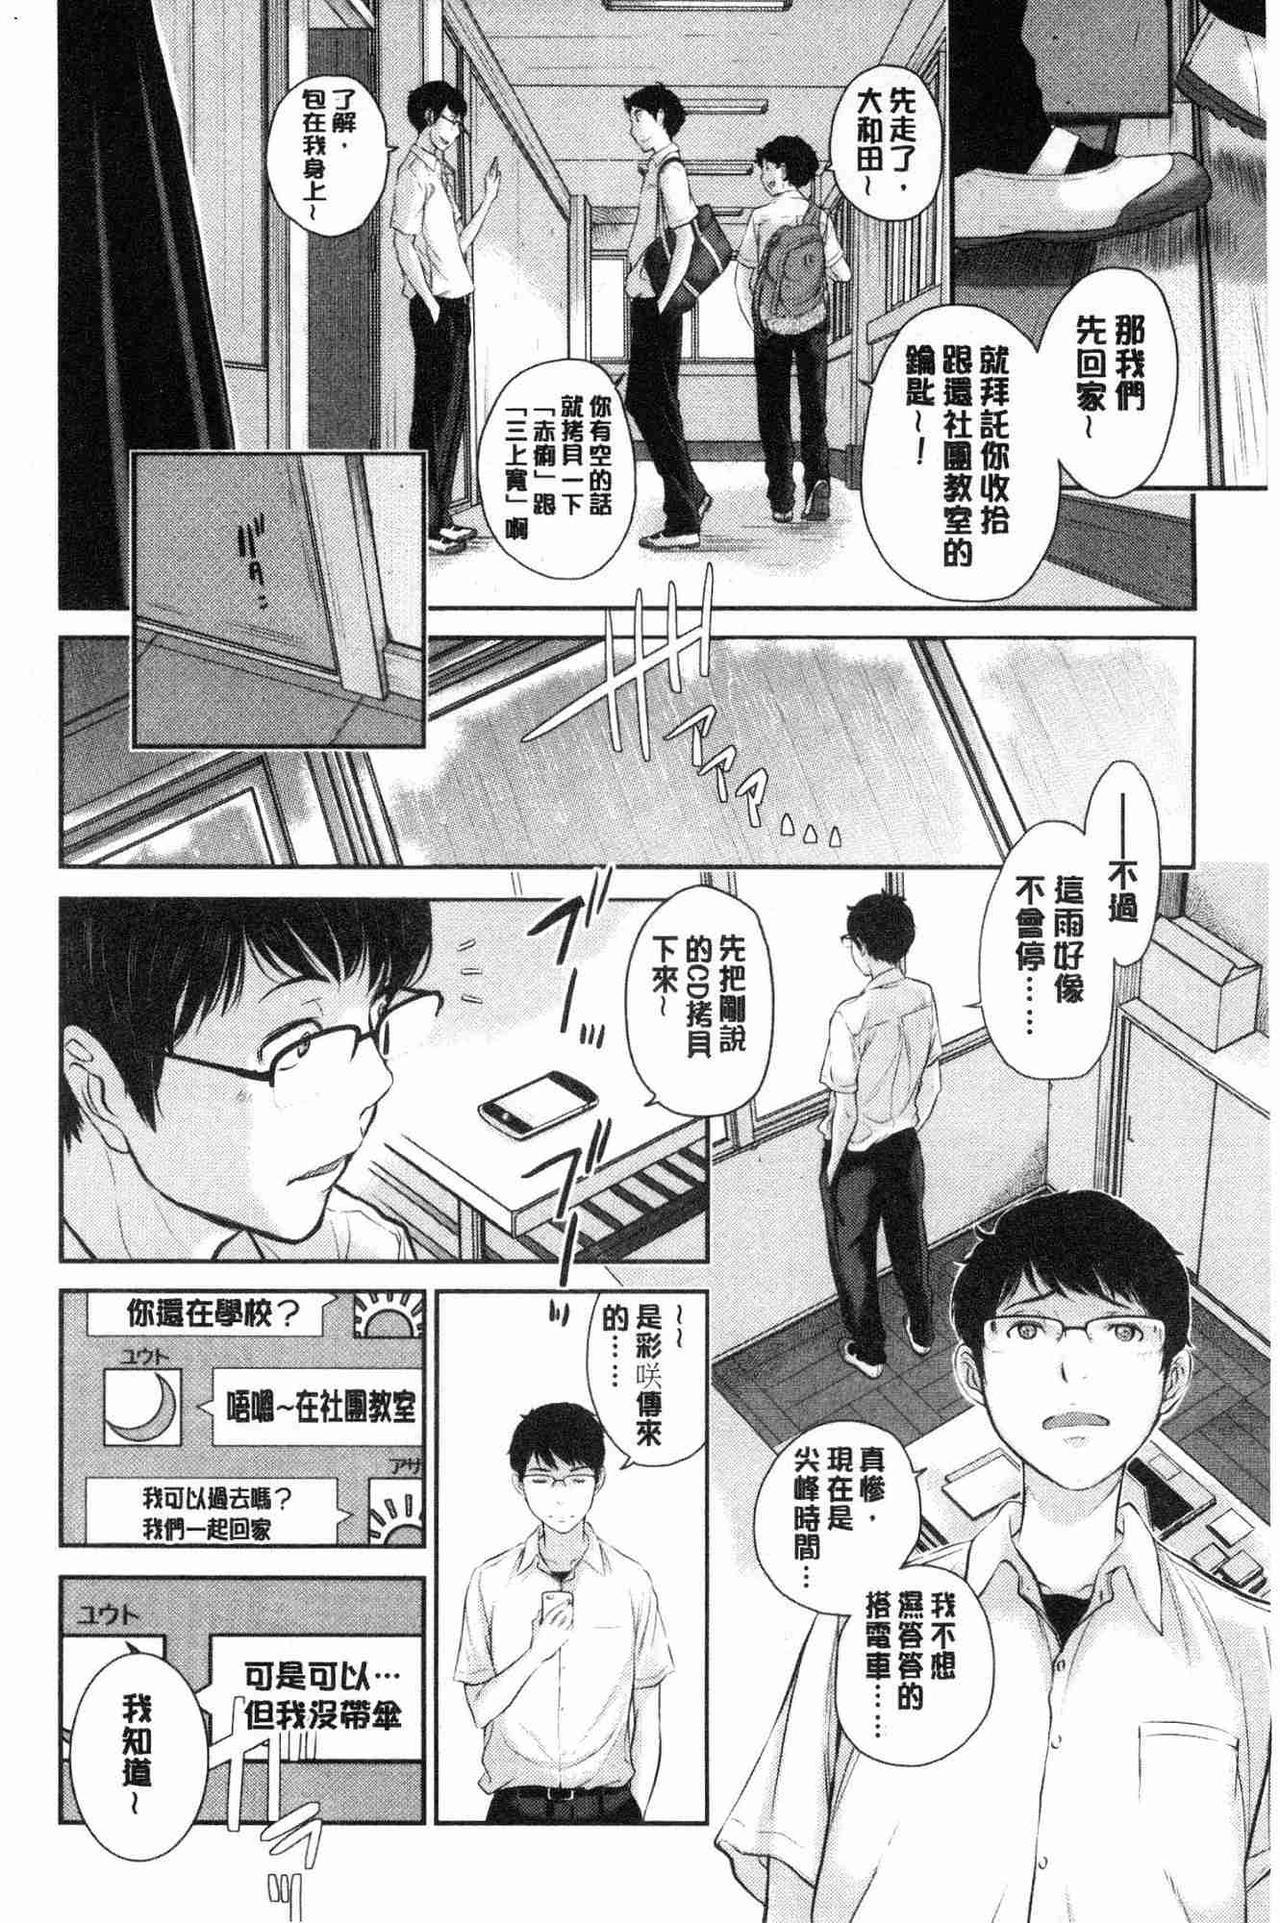 [Harazaki Takuma] Seifuku Shijou Shugi -Natsu- - Uniforms supremacy [Chinese] 16